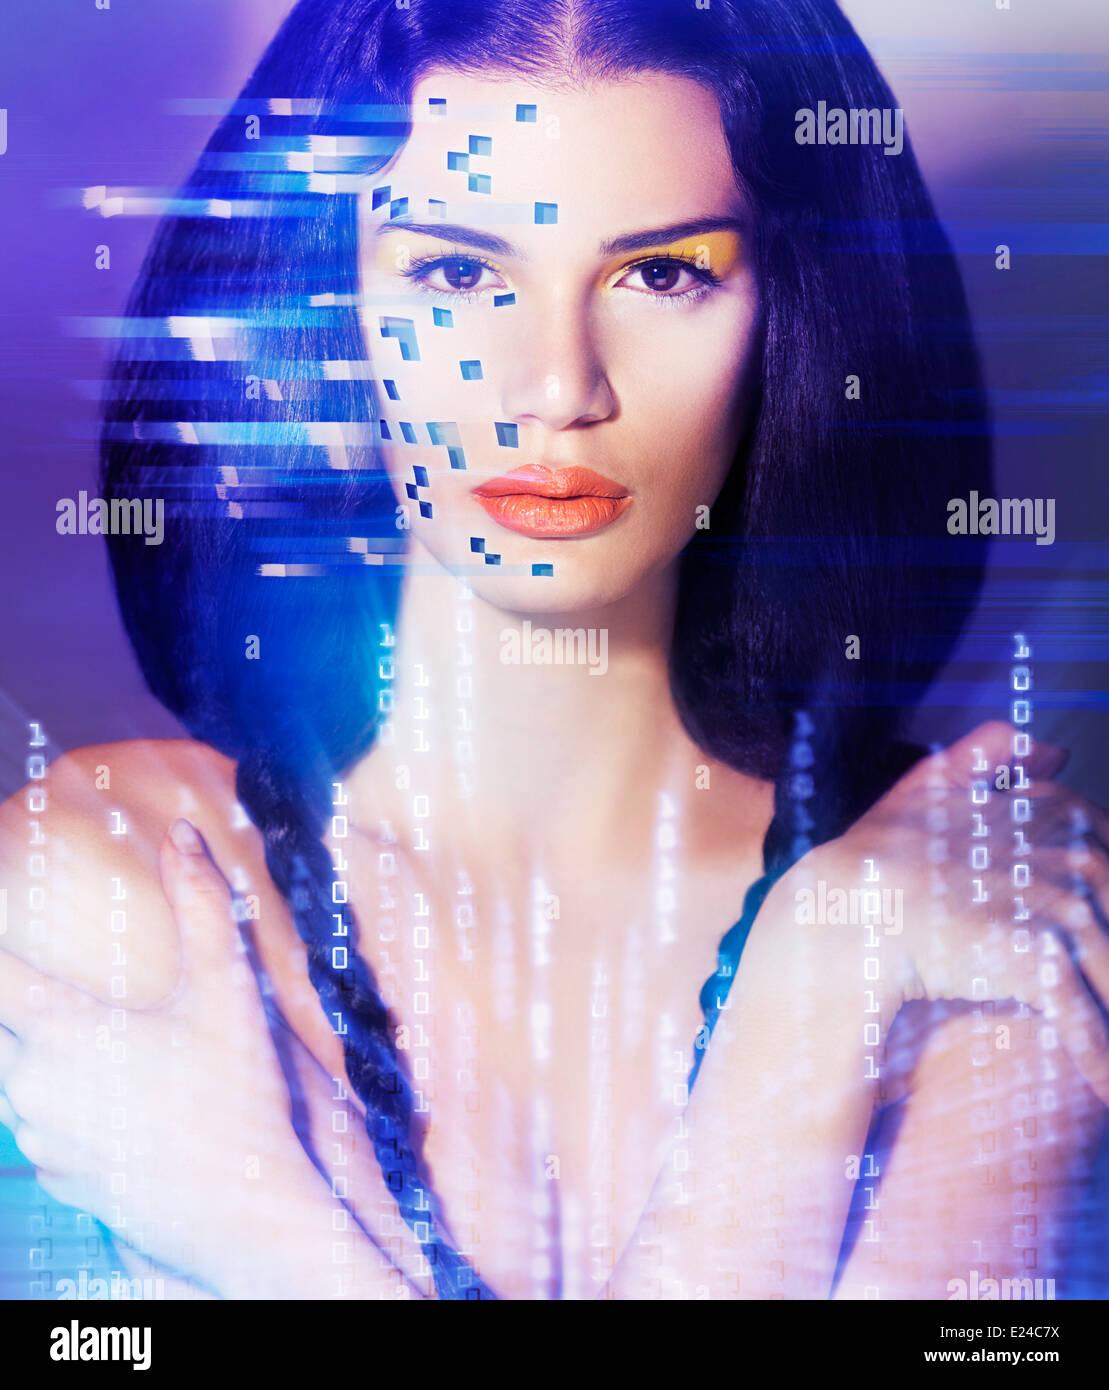 Retrato de una joven mujer hermosa cara digital en el mundo de realidad virtual. Concepto artístico. Imagen De Stock